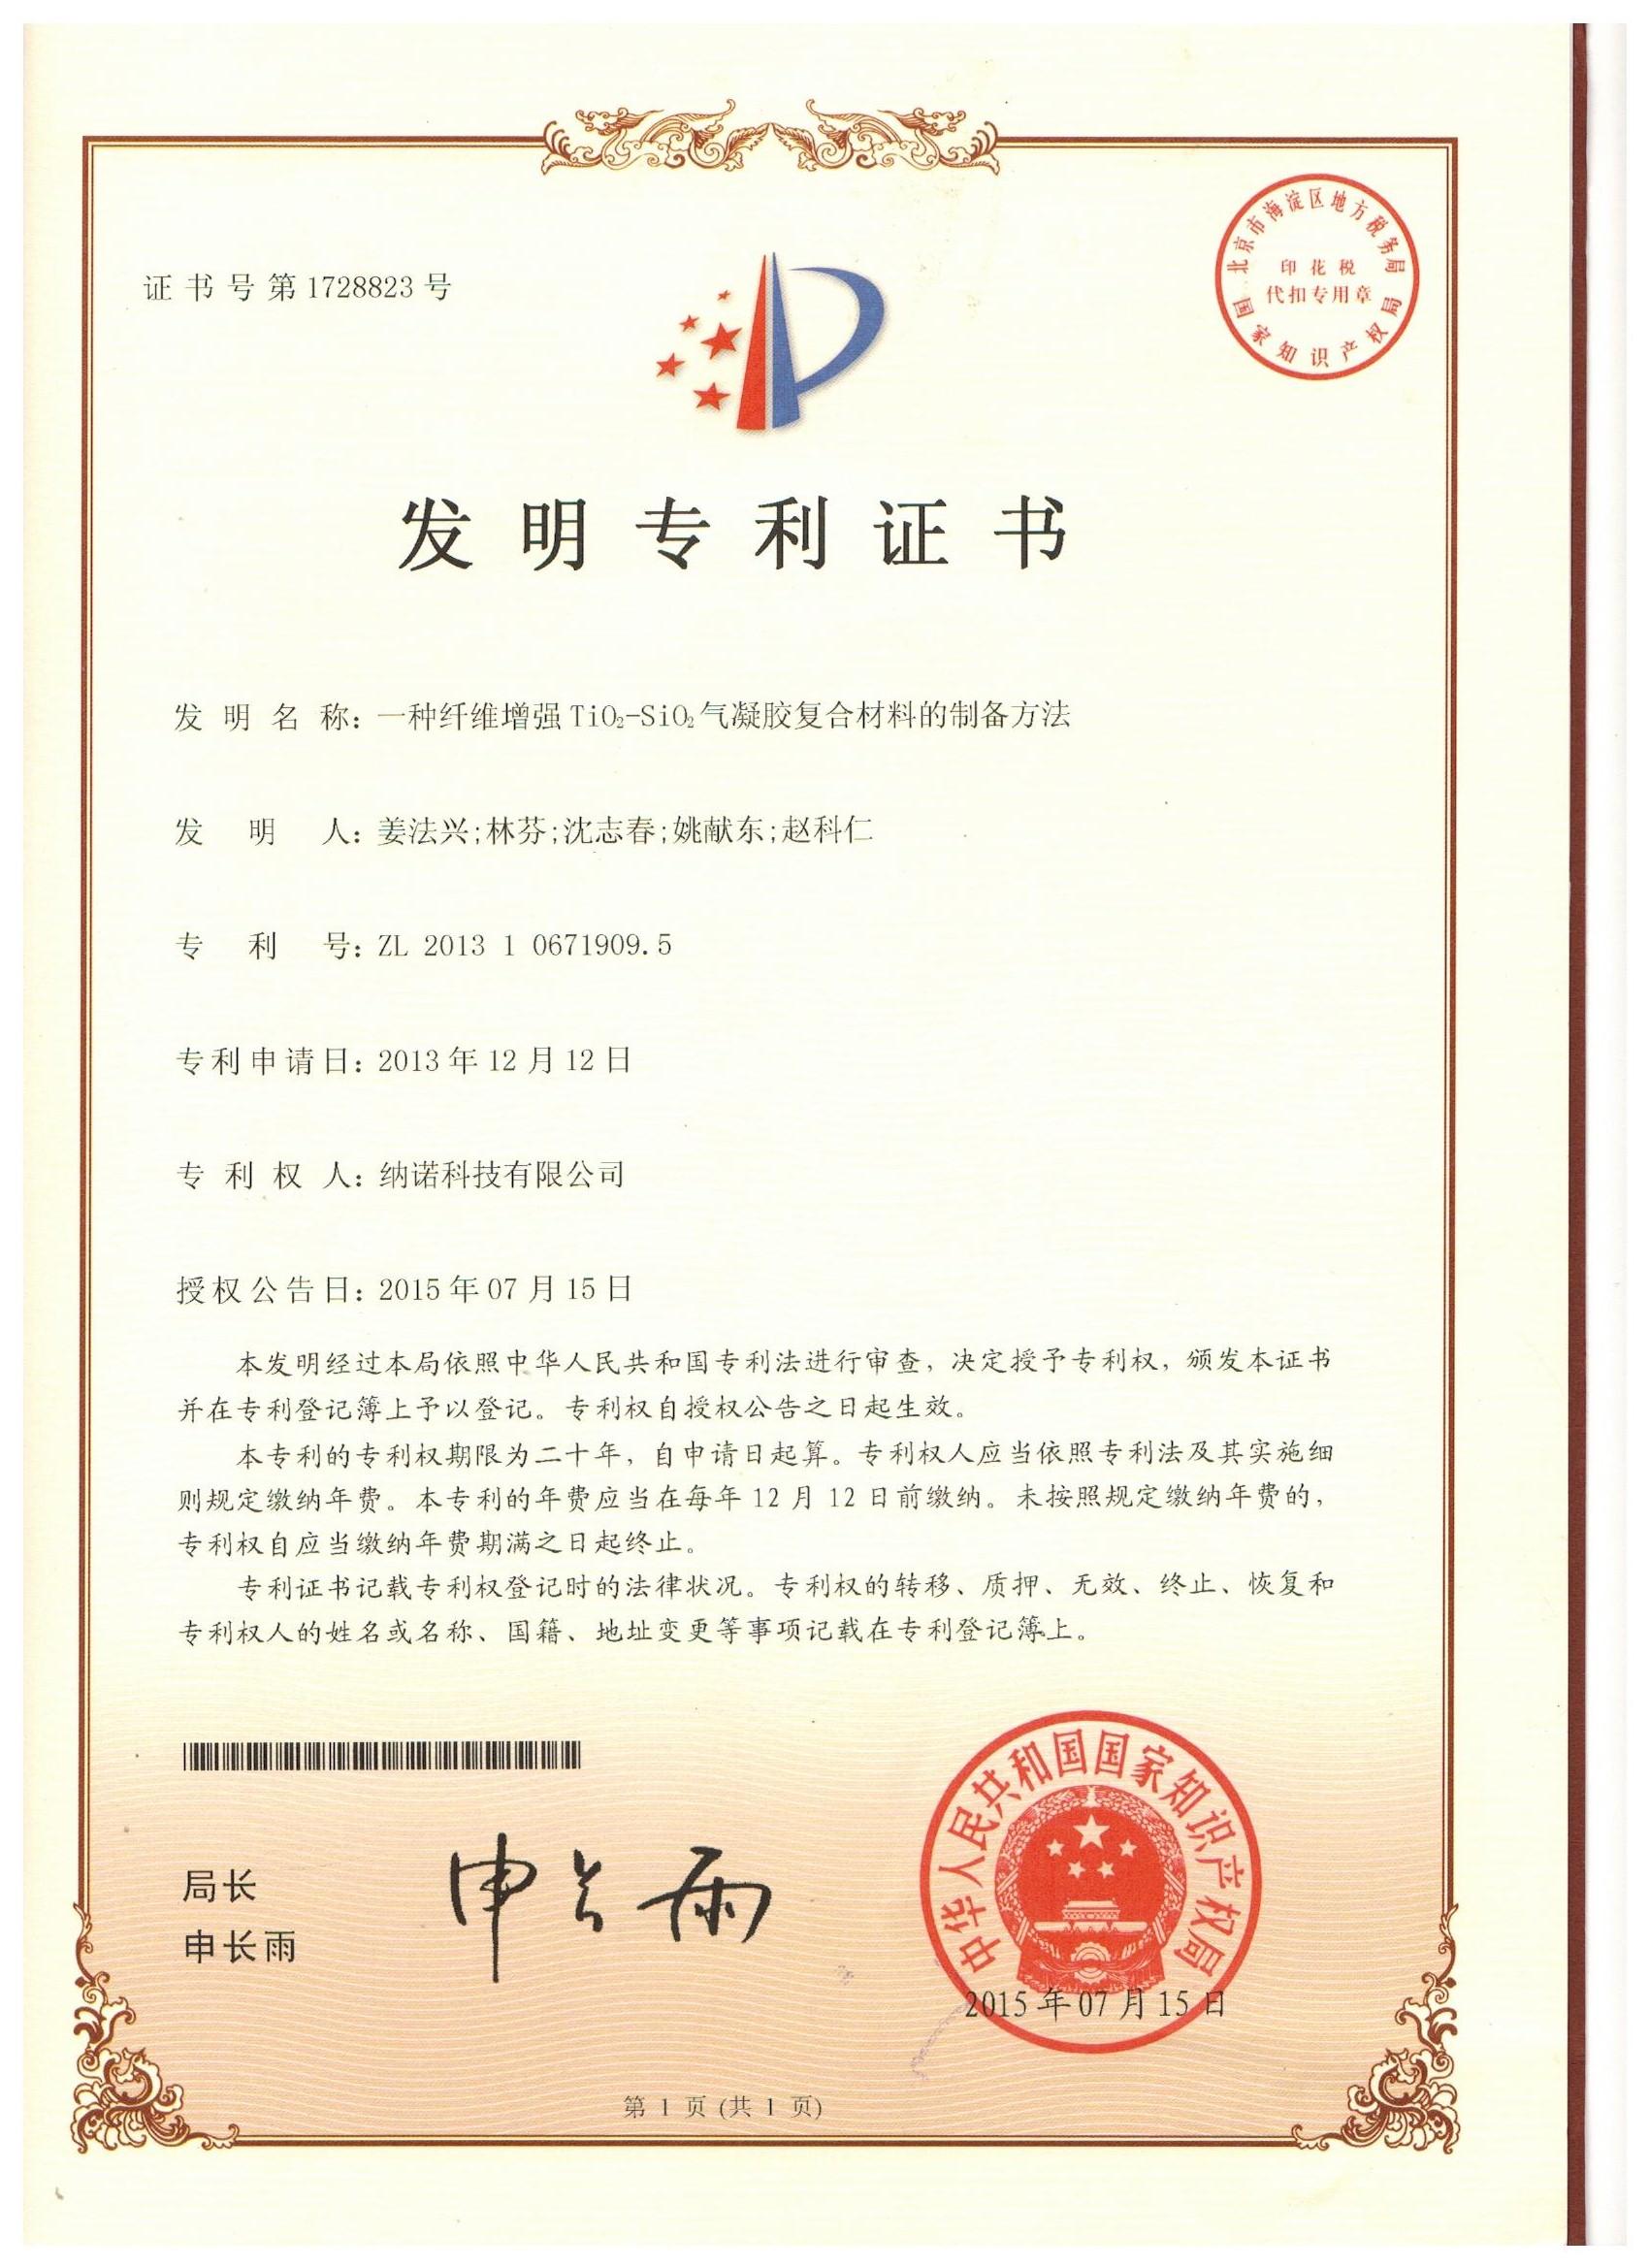 發明專利--一種纖維增強TiO2-SiO2氣凝膠復合材料的制備方法